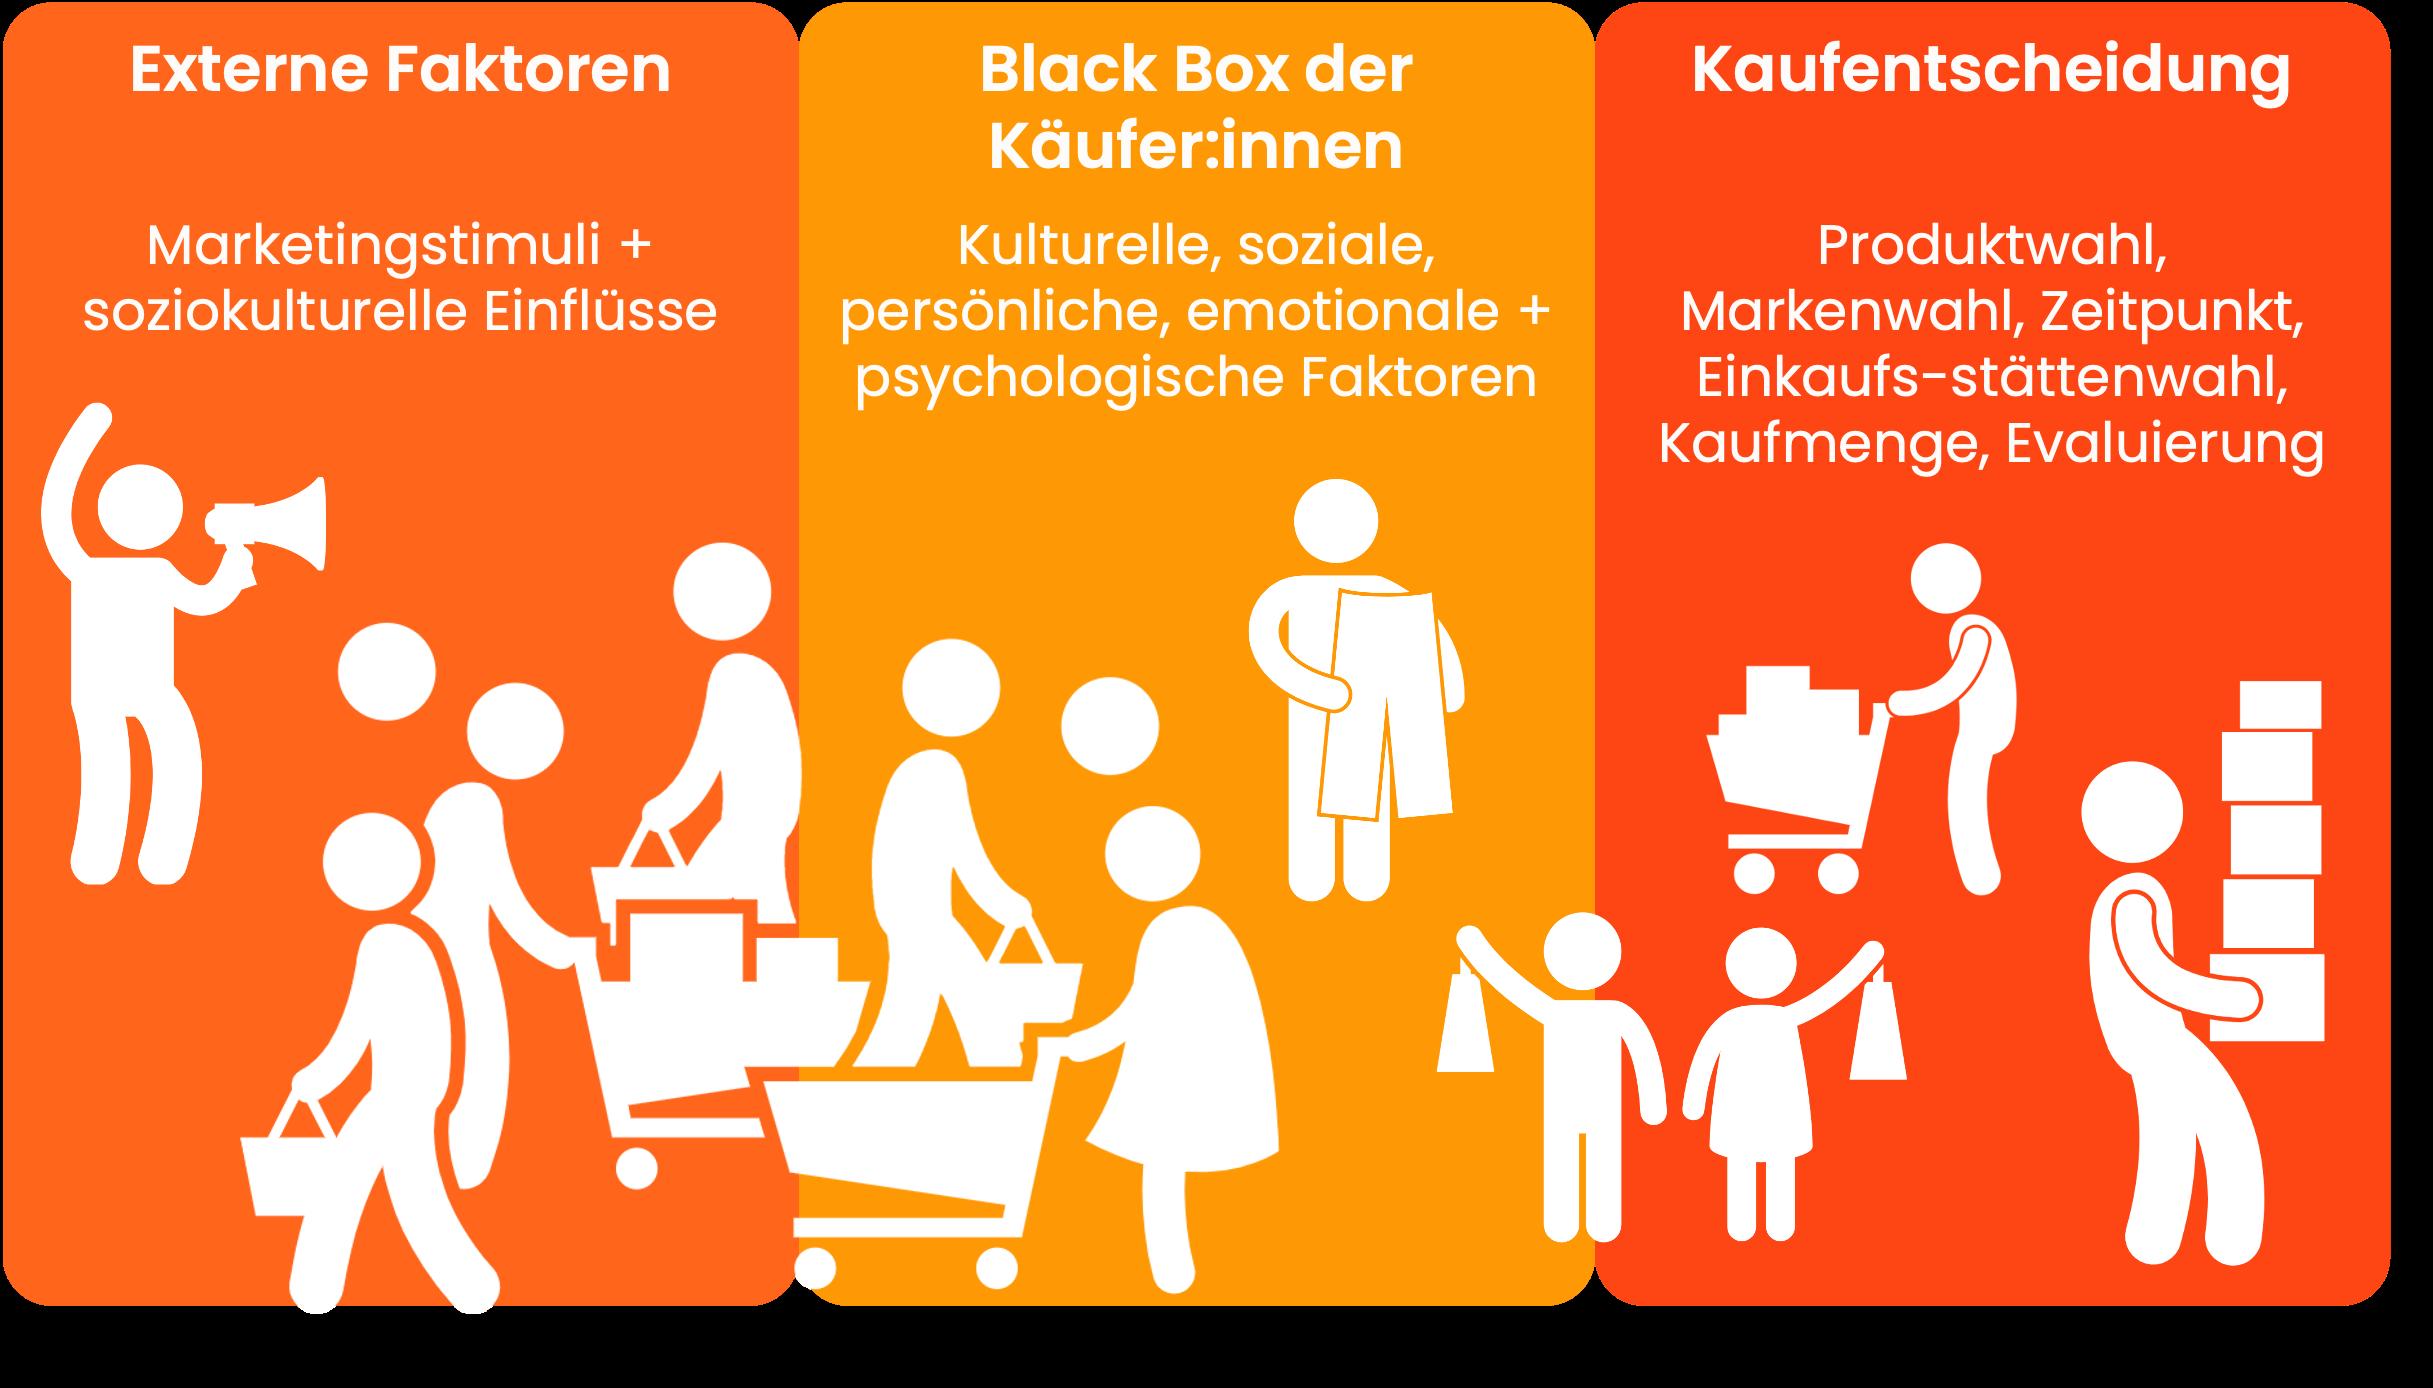 Kaufentscheidungen werden durch unbewusste, psychologische Prozesse beeinflusst